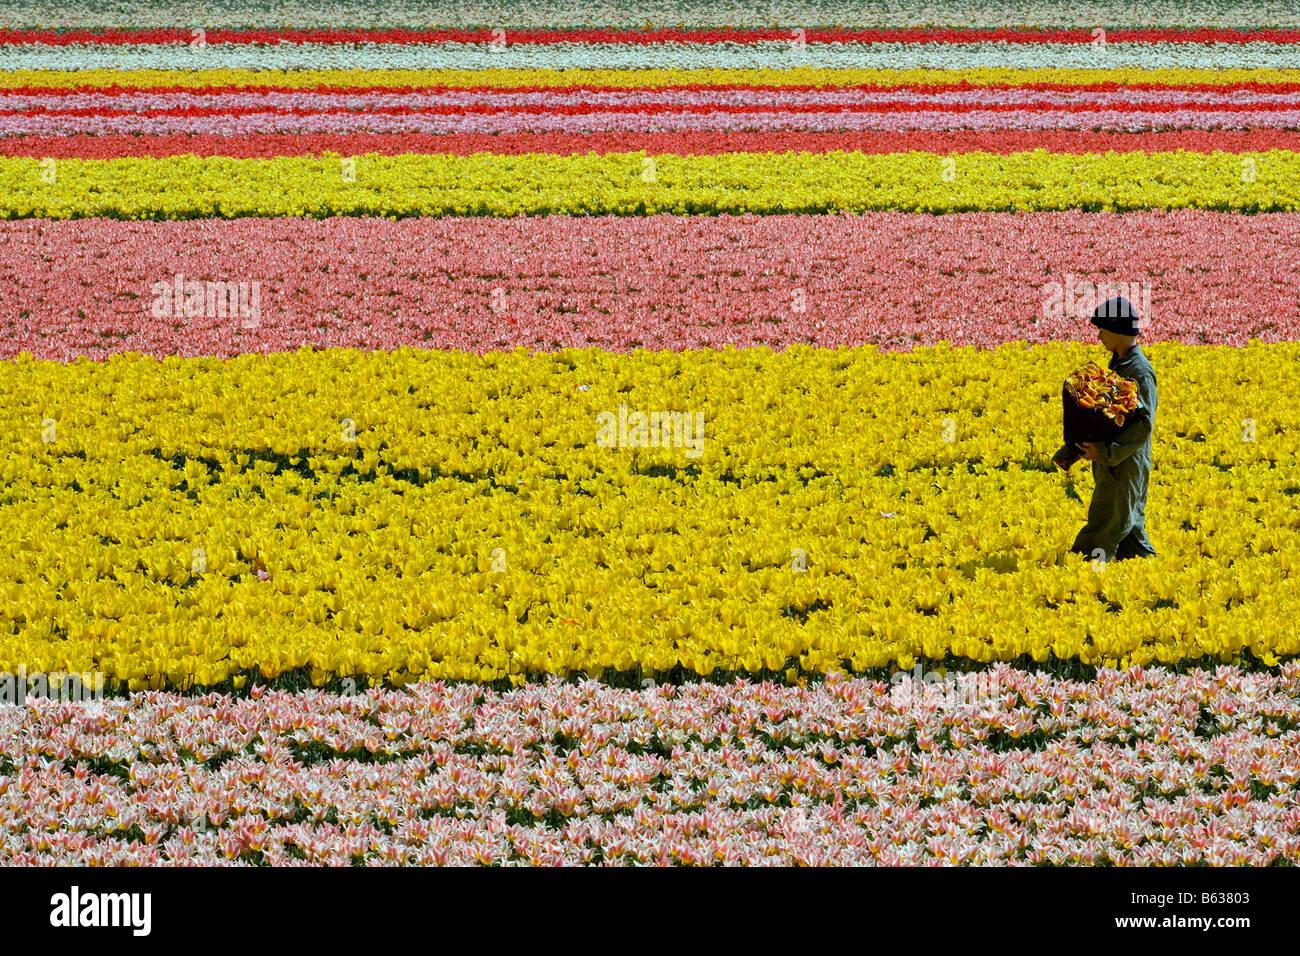 Paesi Bassi Zuid Holland Lisse lavoratore lavora nel campo di tulipani Immagini Stock